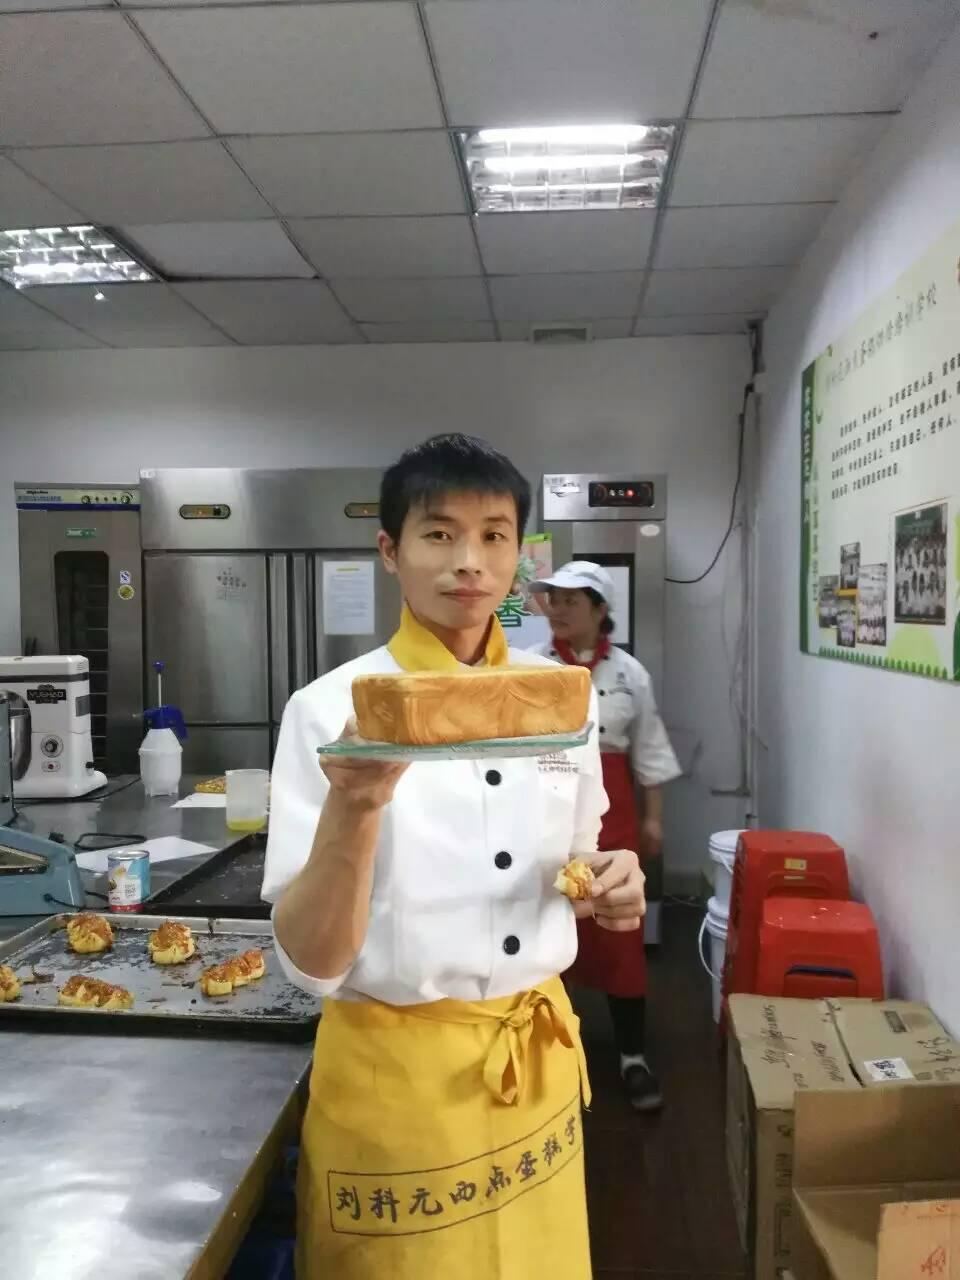 烘焙培训学校,深圳烘焙,布心烘焙学校,好的烘焙培训学校